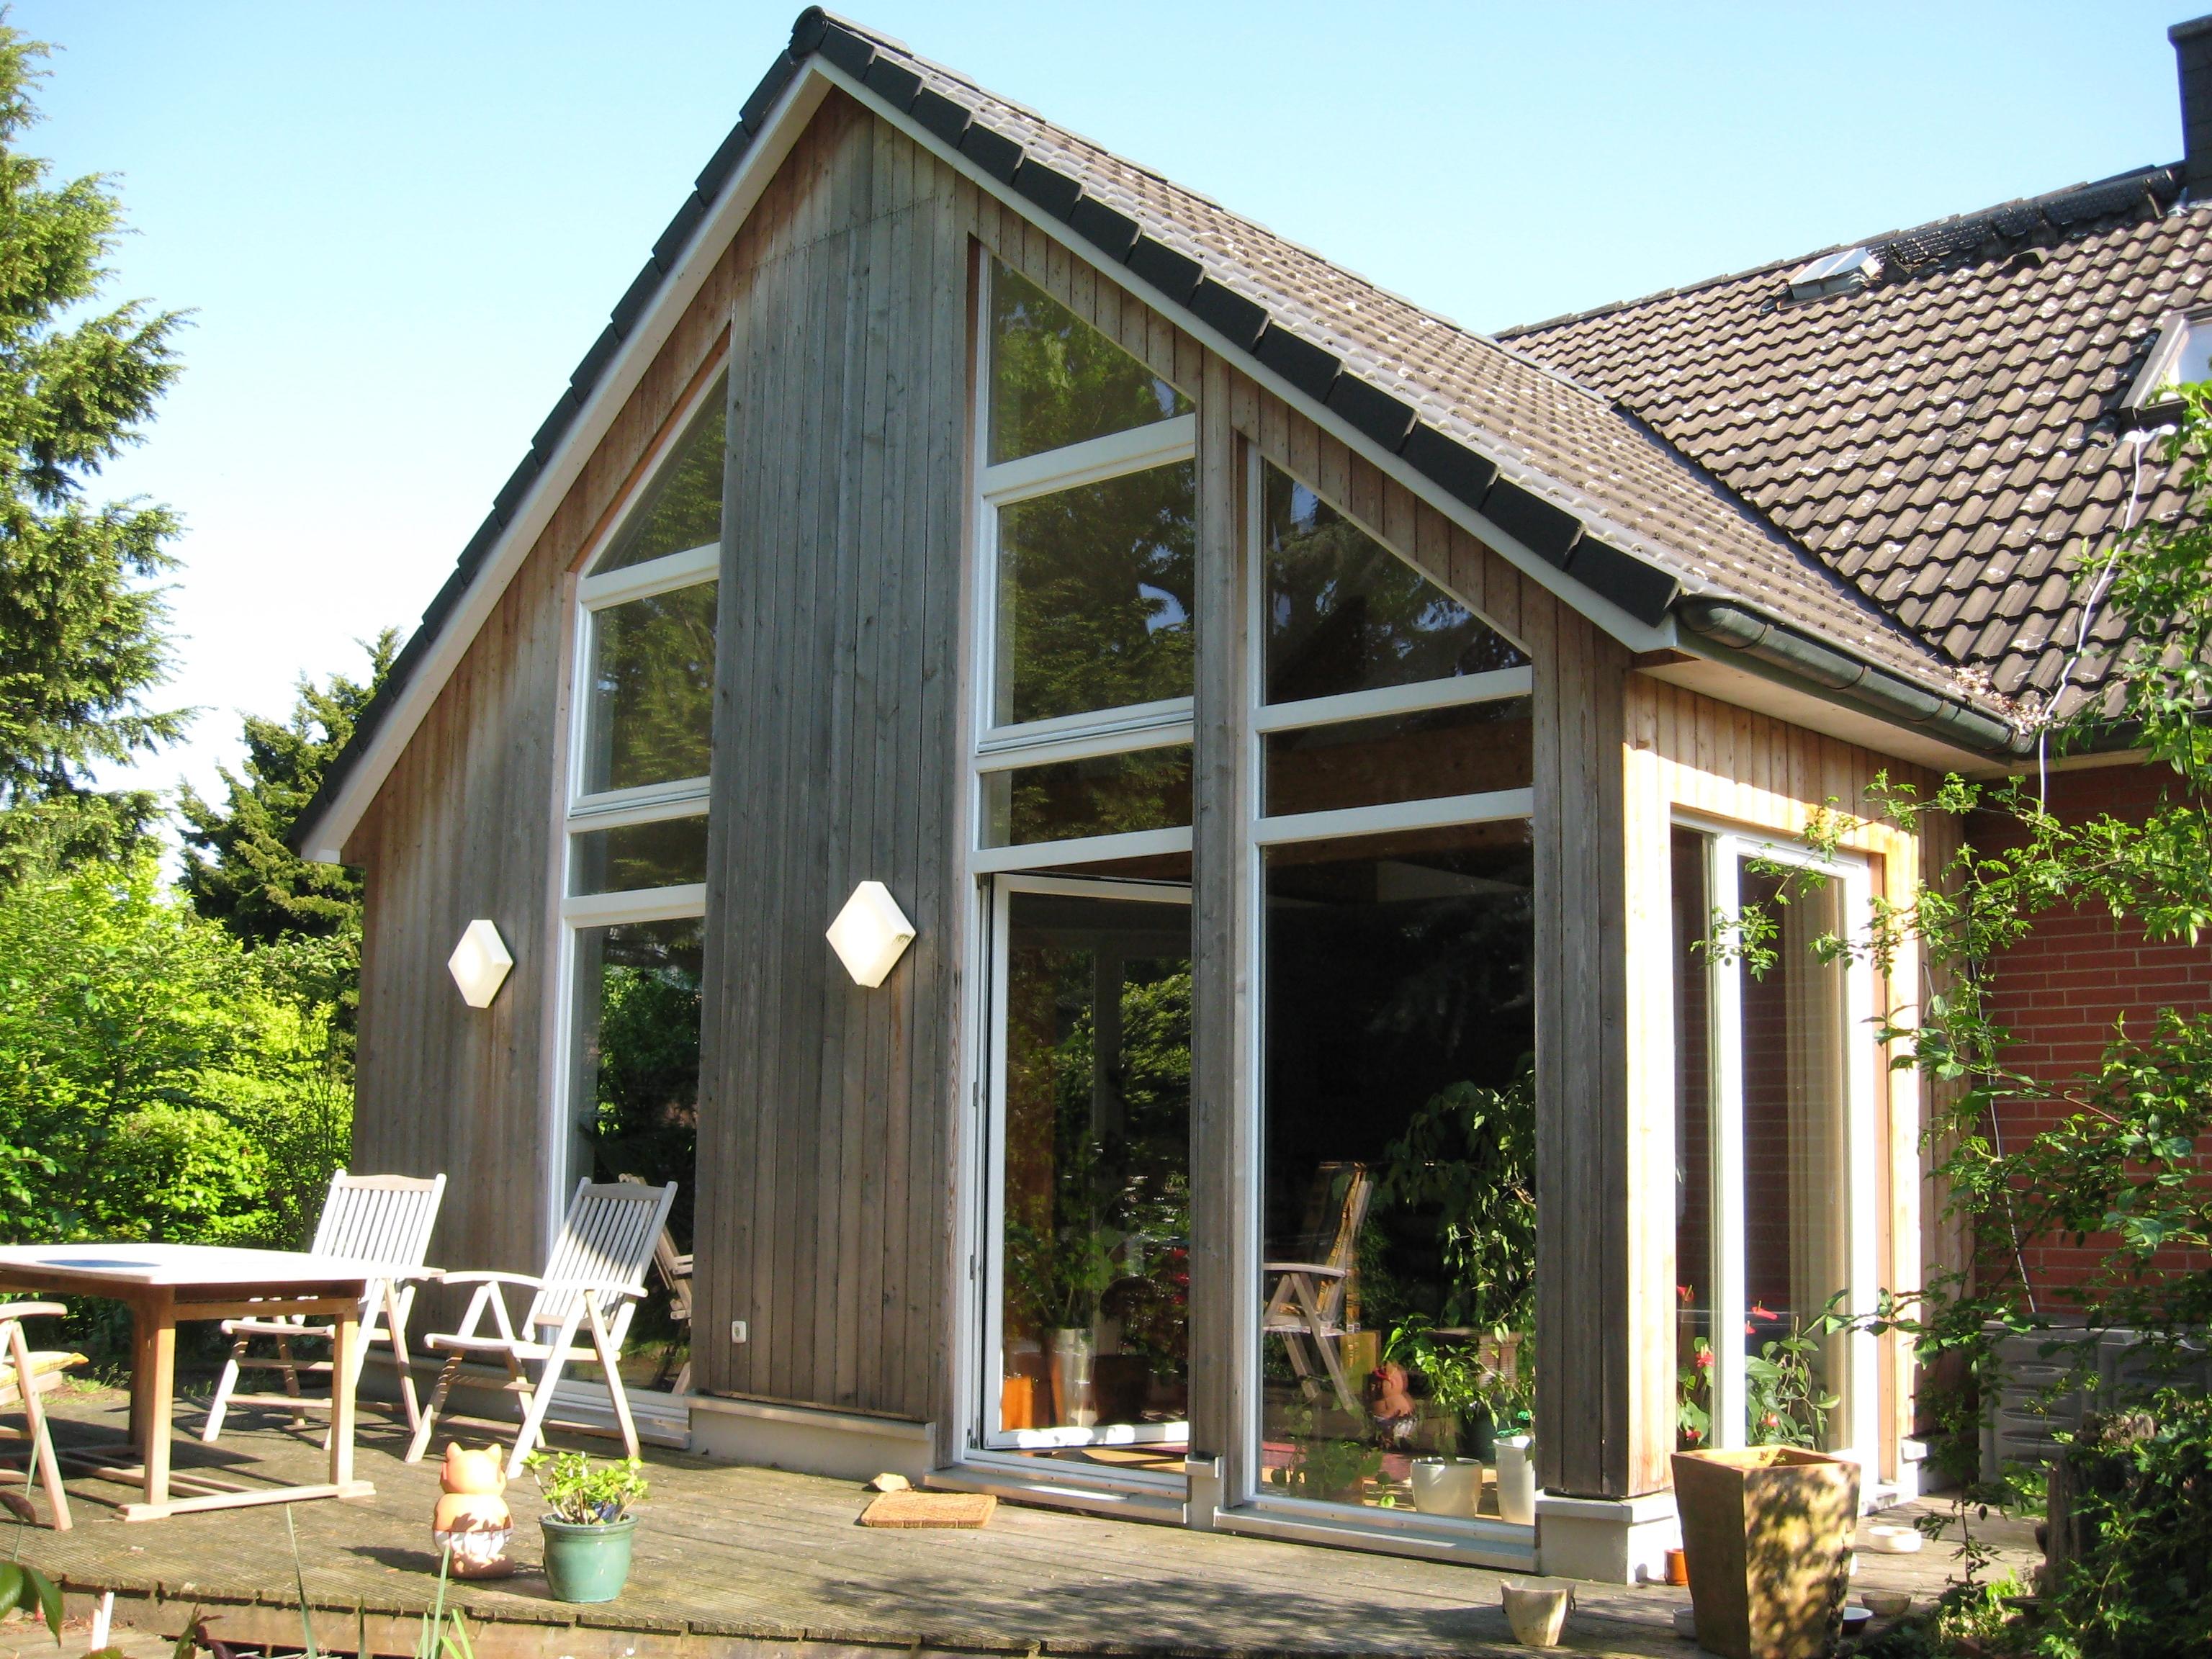 kostenloser energie check bei hagedorn holzbau gmbh 59227 ahlen haus sanieren profitieren. Black Bedroom Furniture Sets. Home Design Ideas